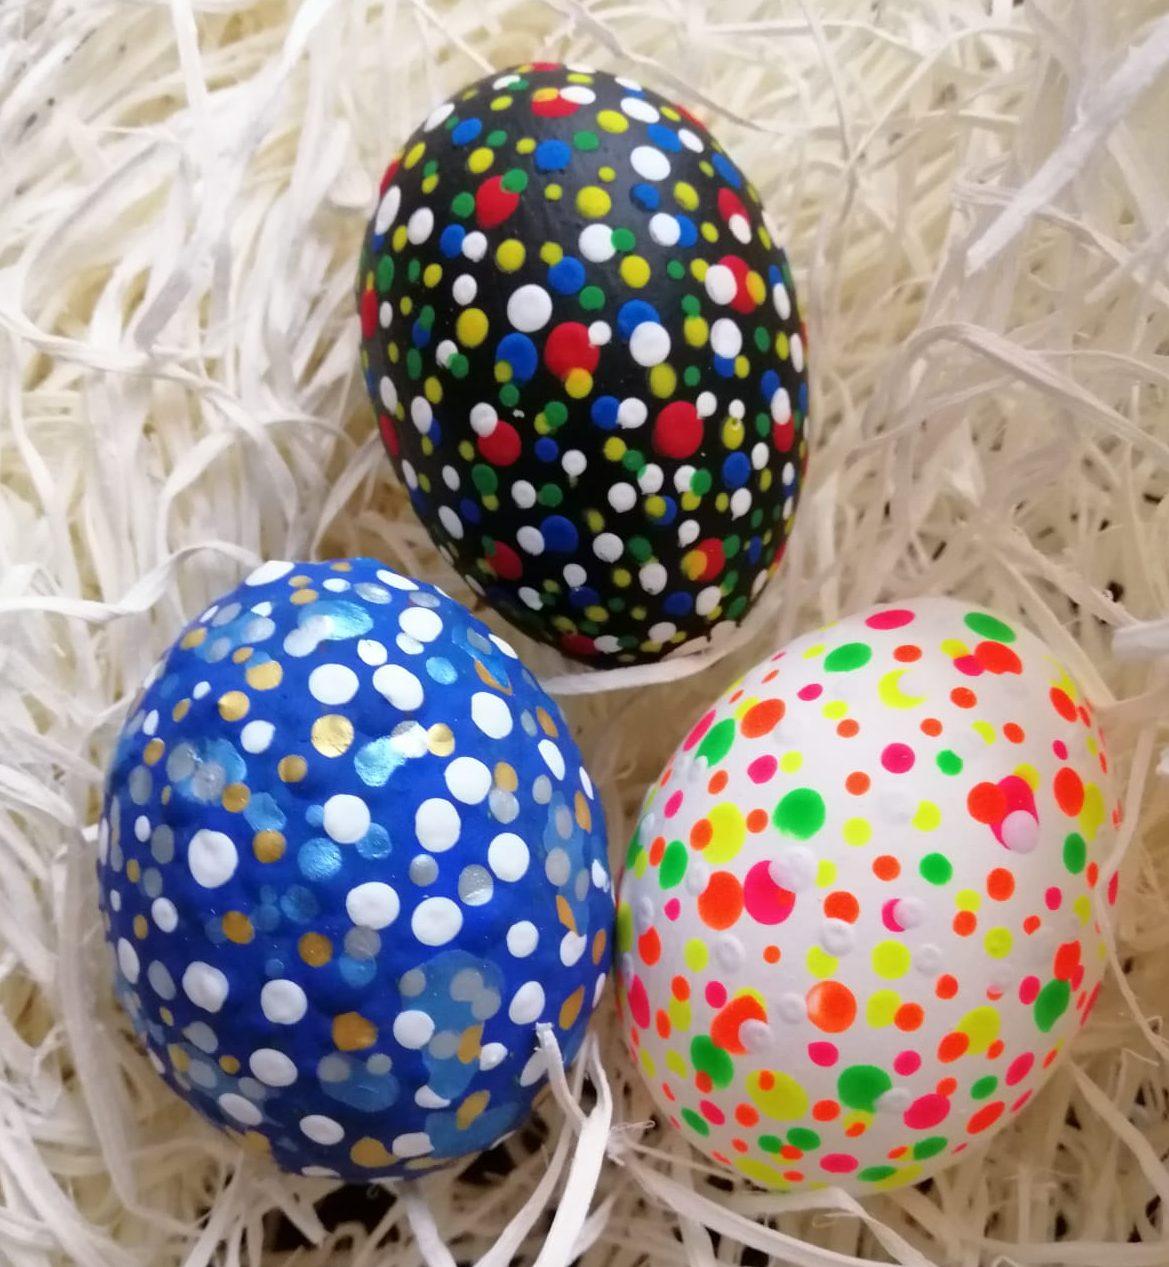 Velikonoční dekorace – vajíčko malované temperovými barvami